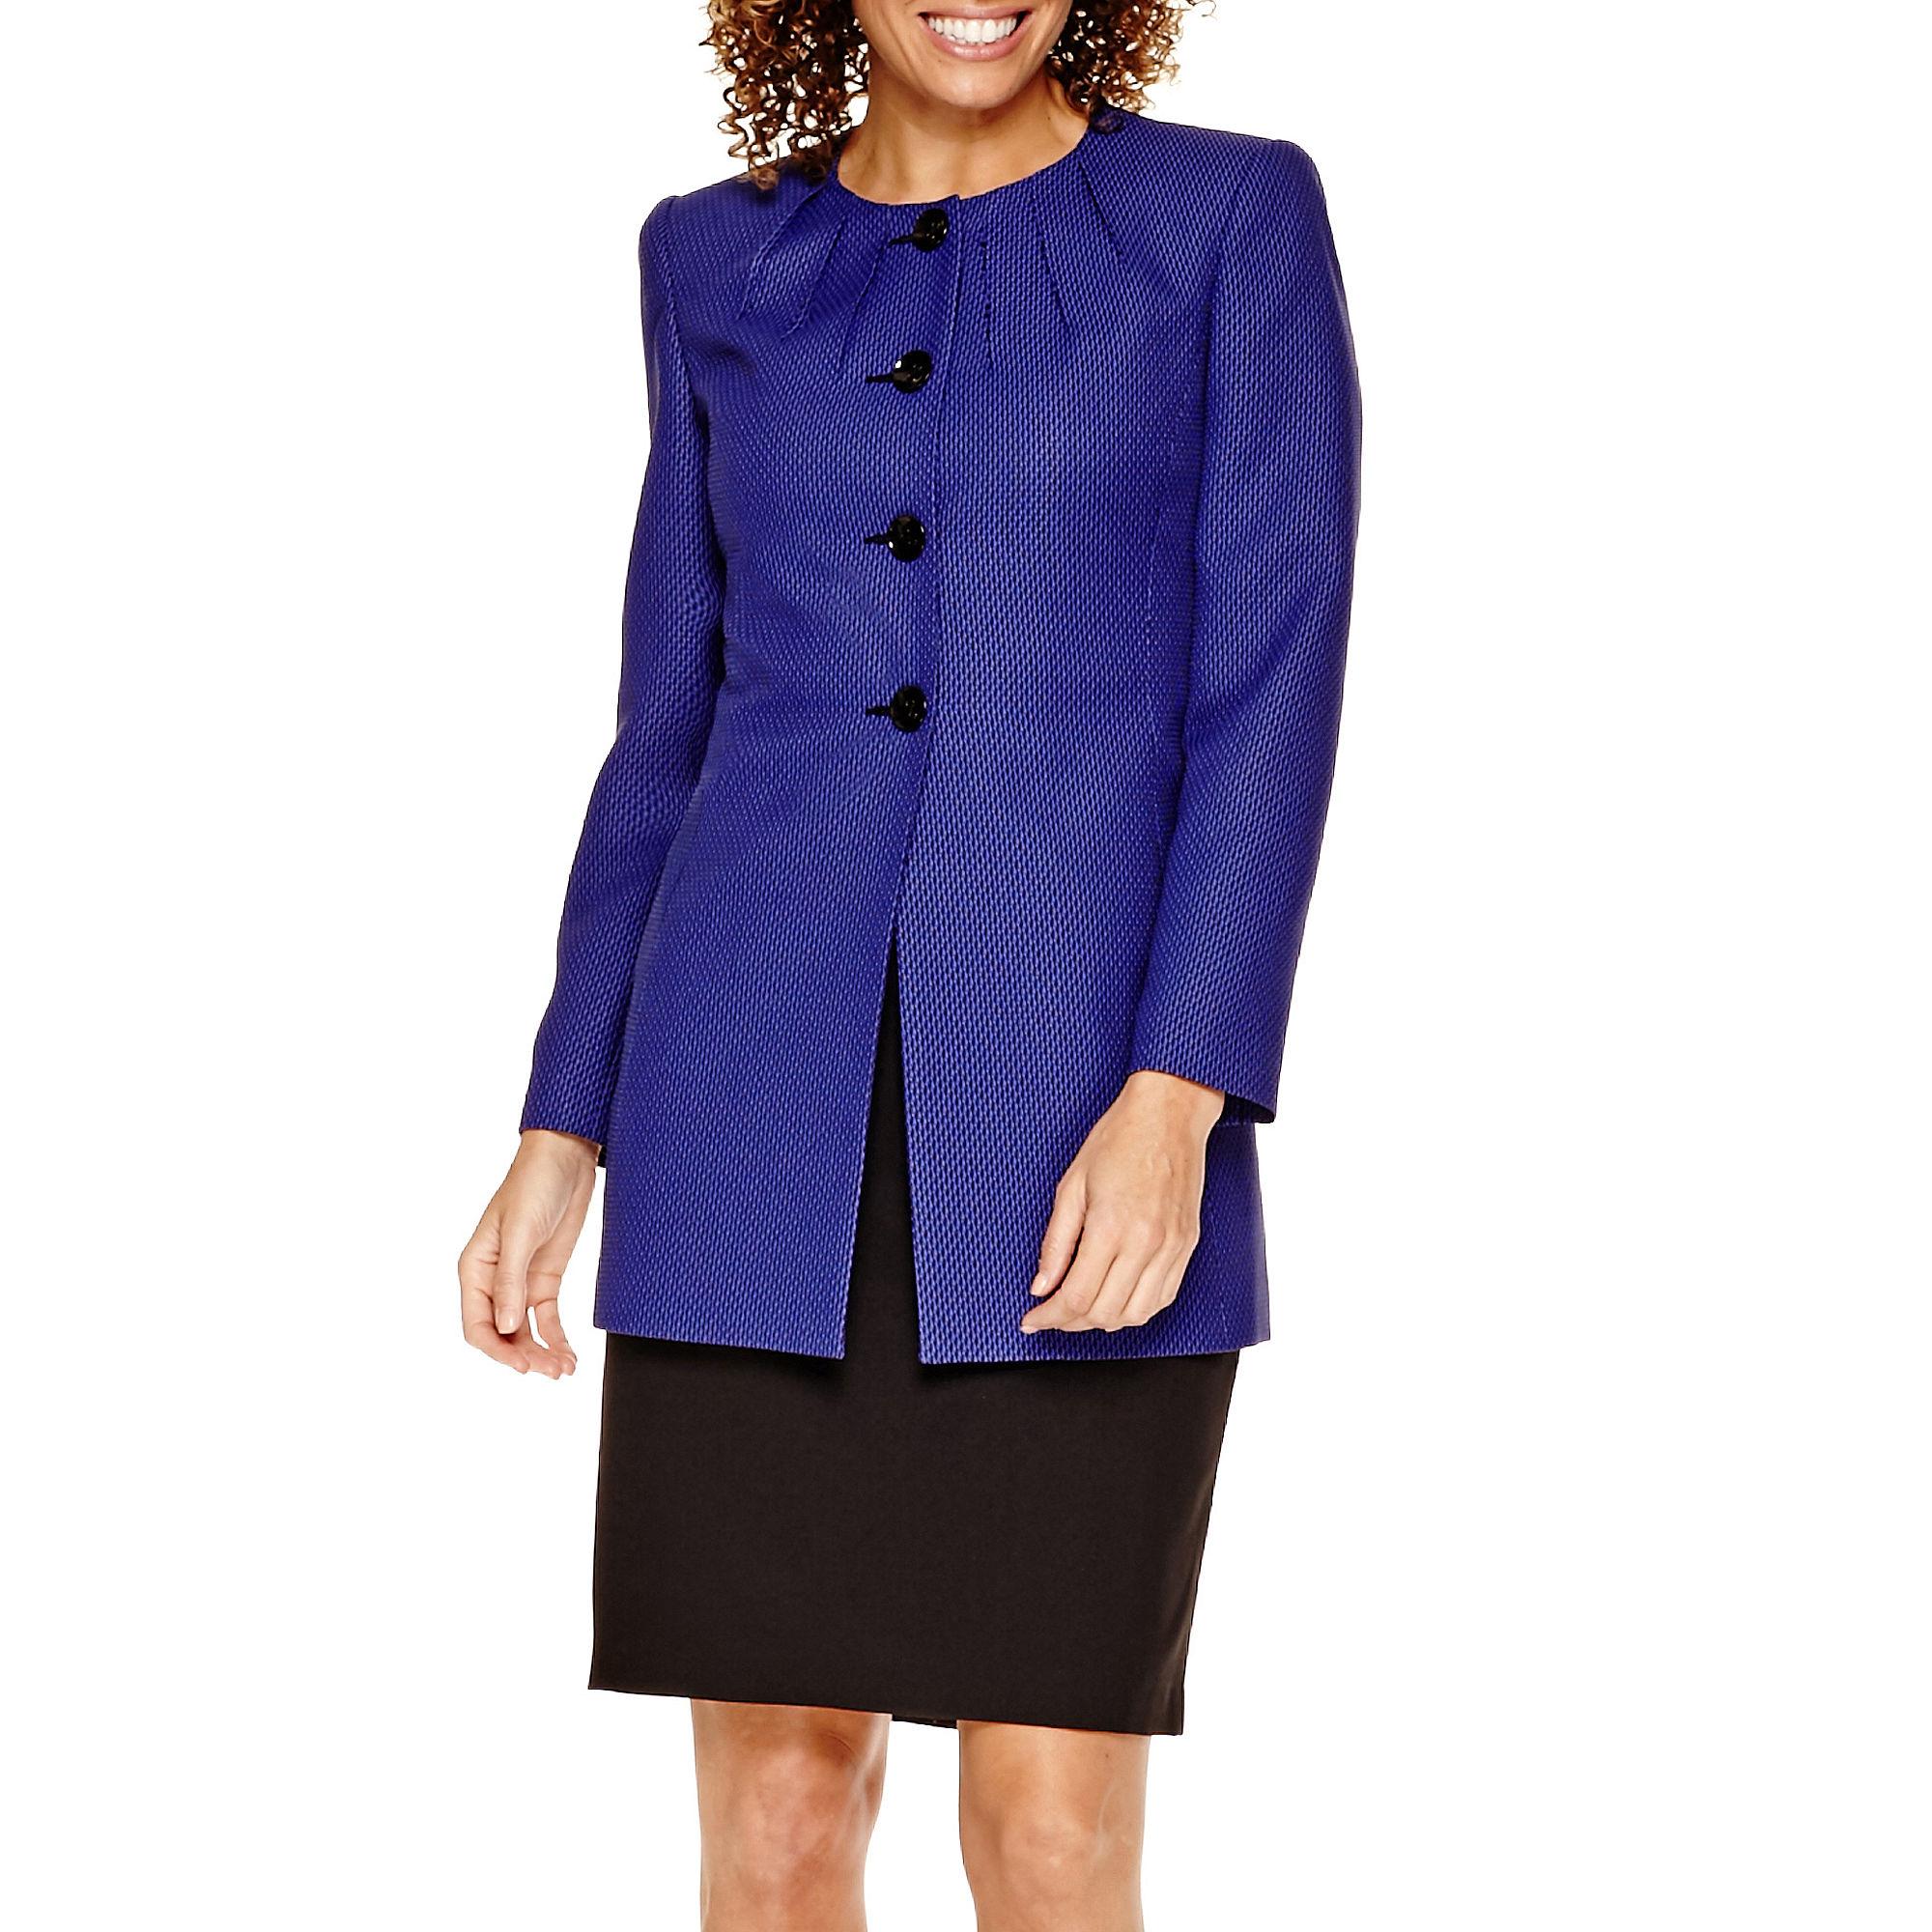 R & K Originals Pleat-Neck Jacquard Jacket and Skirt Suit - Petite